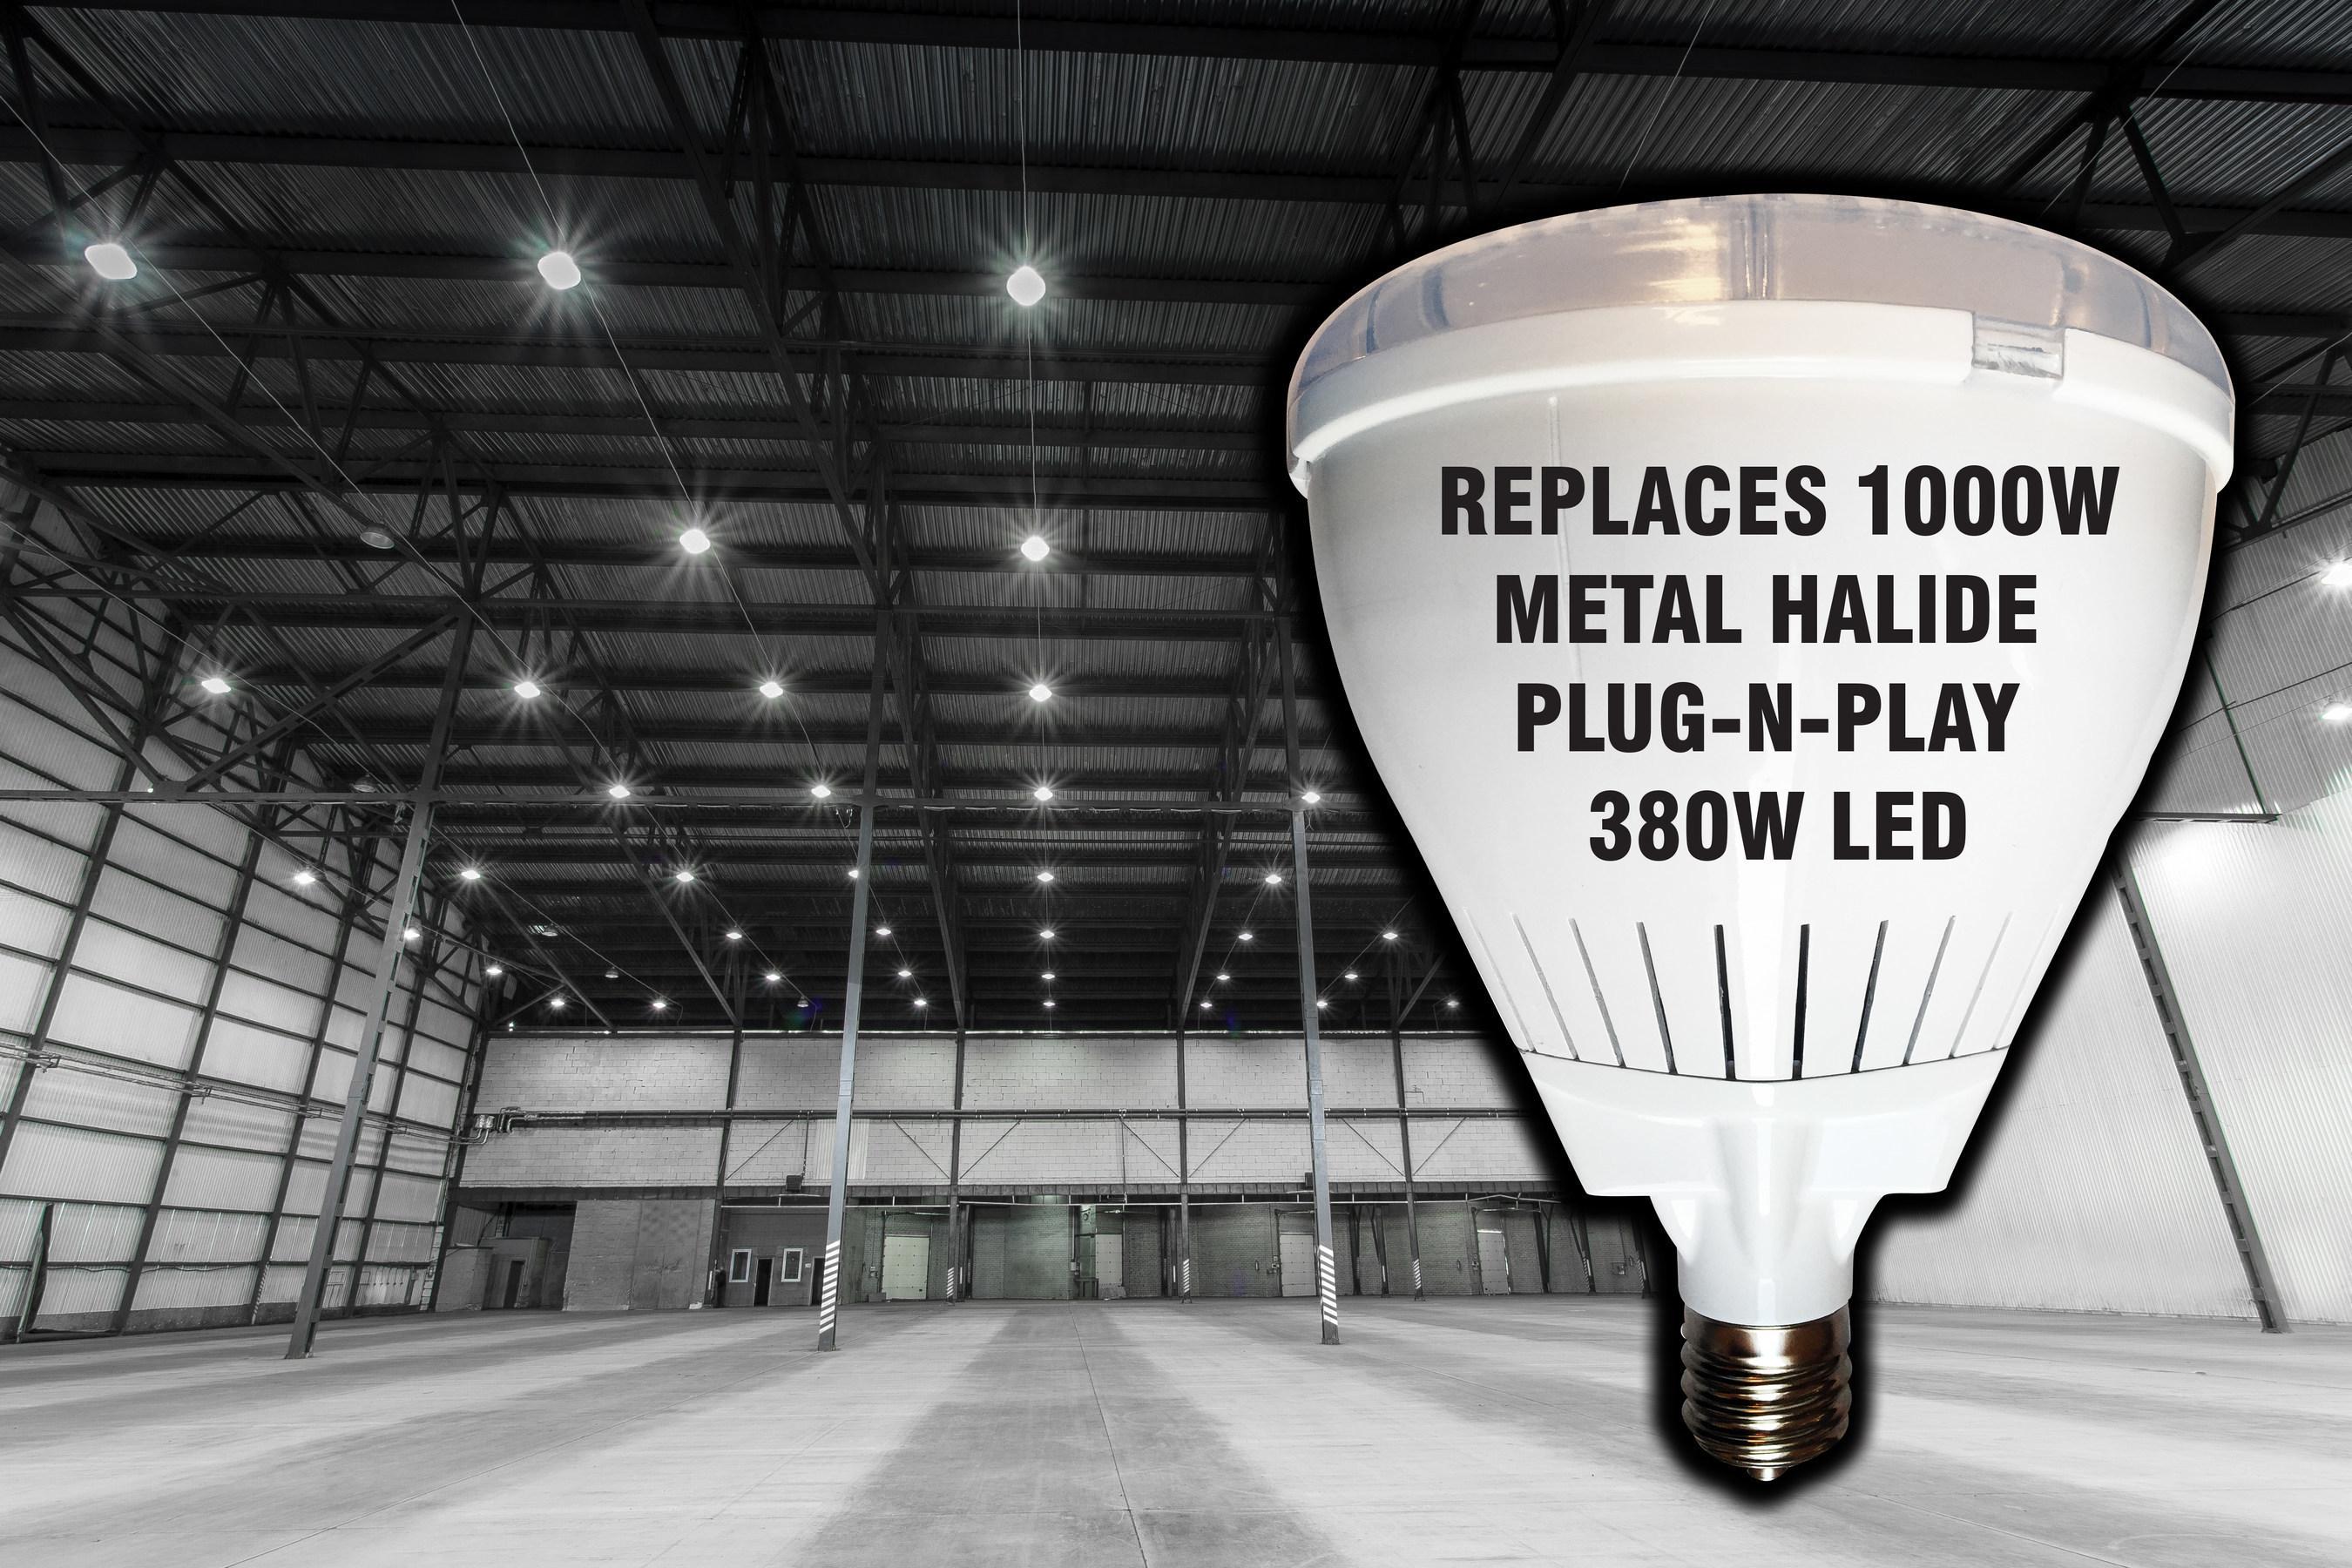 """1000 Watt Metal Halide Led Replacement plug-n-play"""" direct-replacement led for 1000w metal halide"""